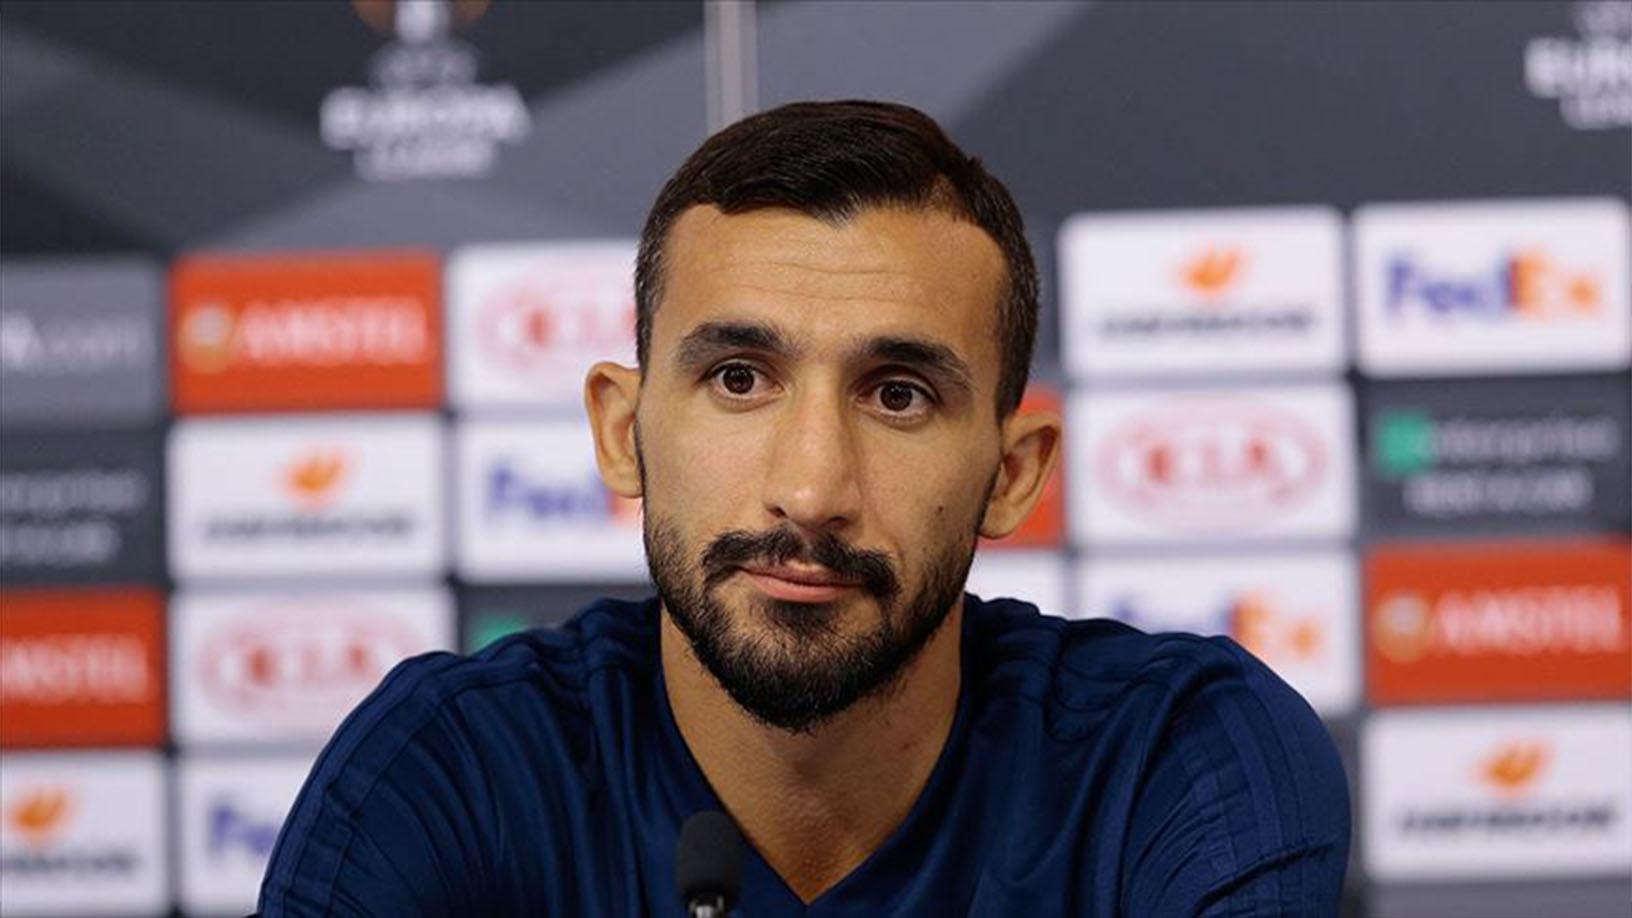 Fenerbahçe'den ayrılan milli futbolcu Mehmet Topal'ın yeni takımı belli oldu